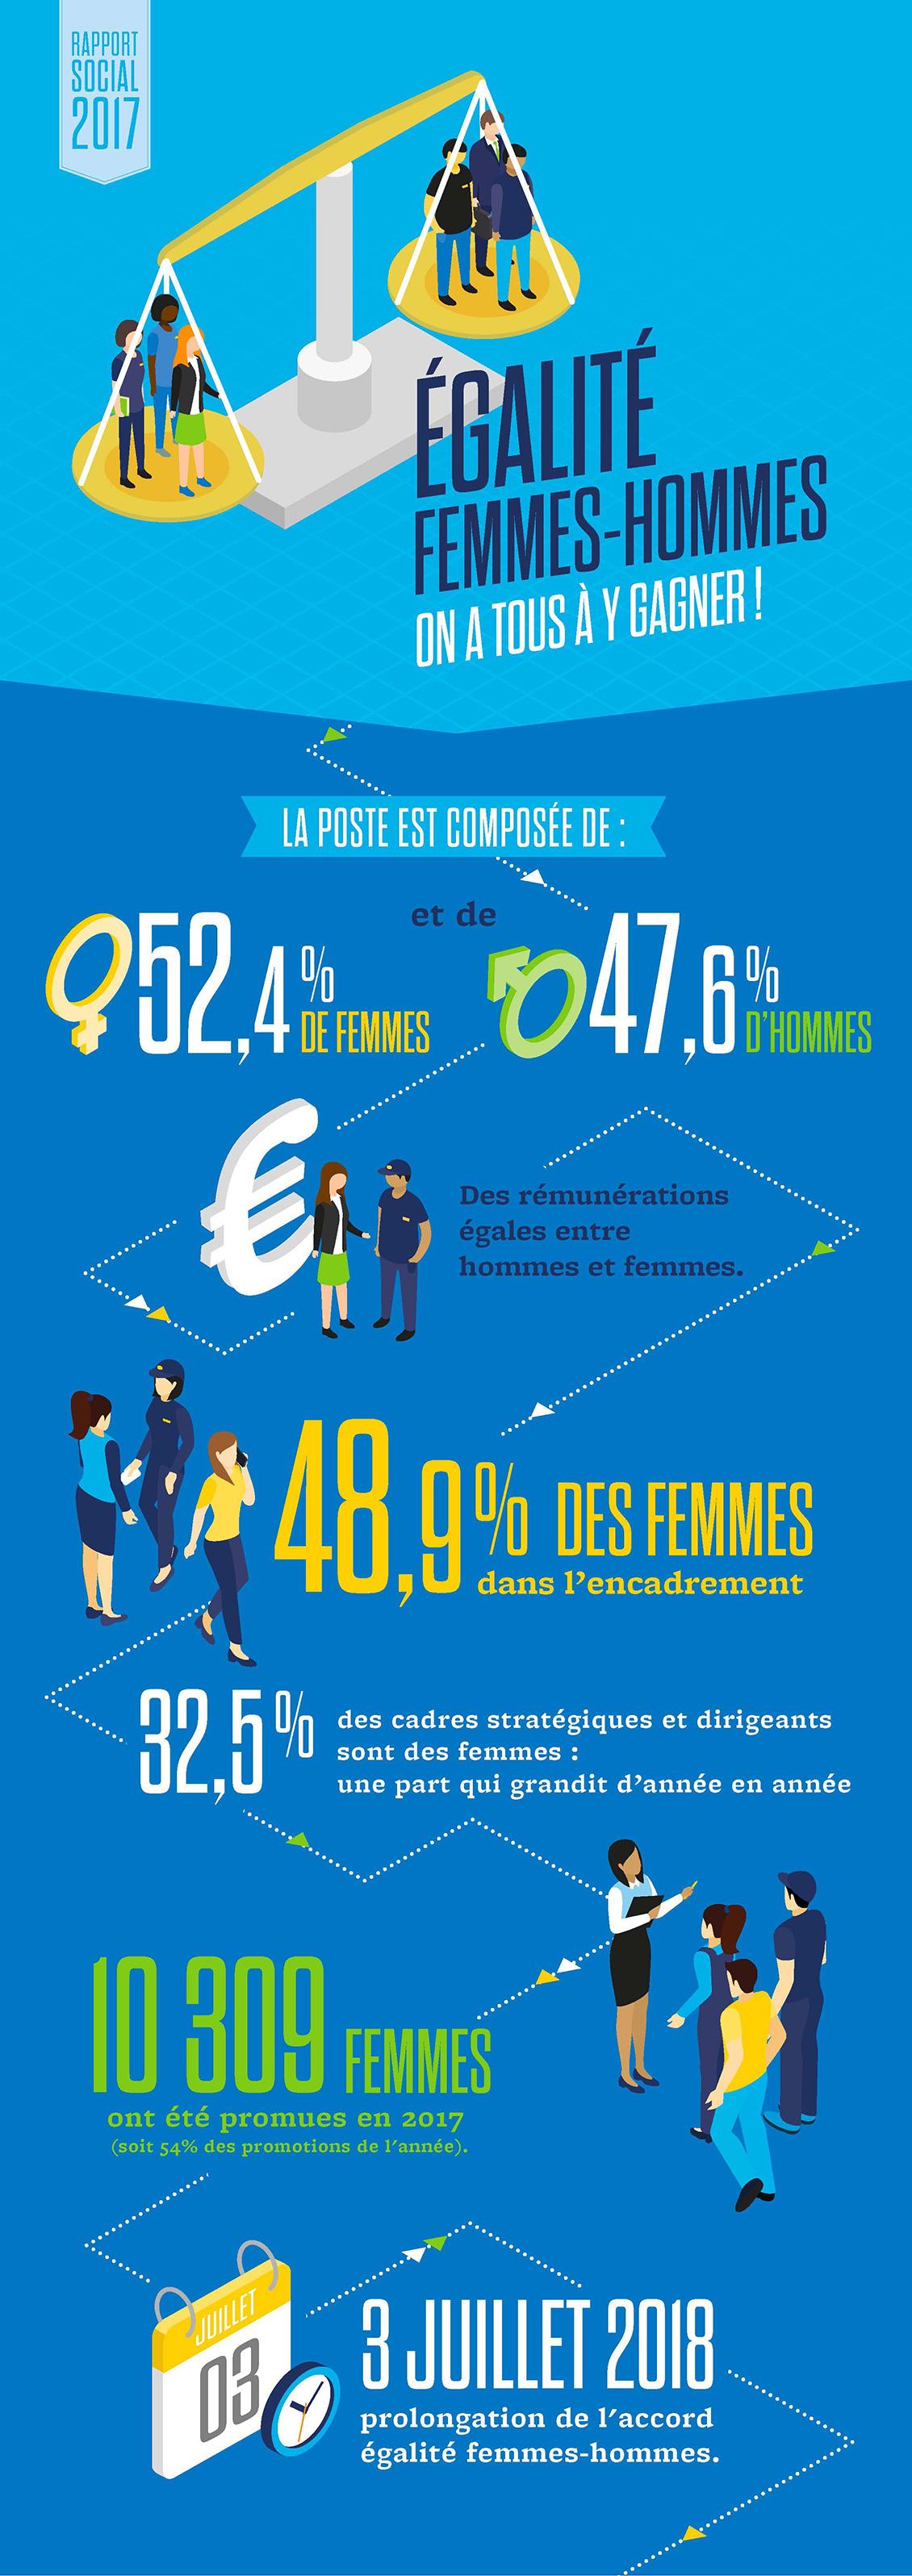 Infographie mettant en image les chiffres clés de l'égalité hommes-femmes à La Poste.